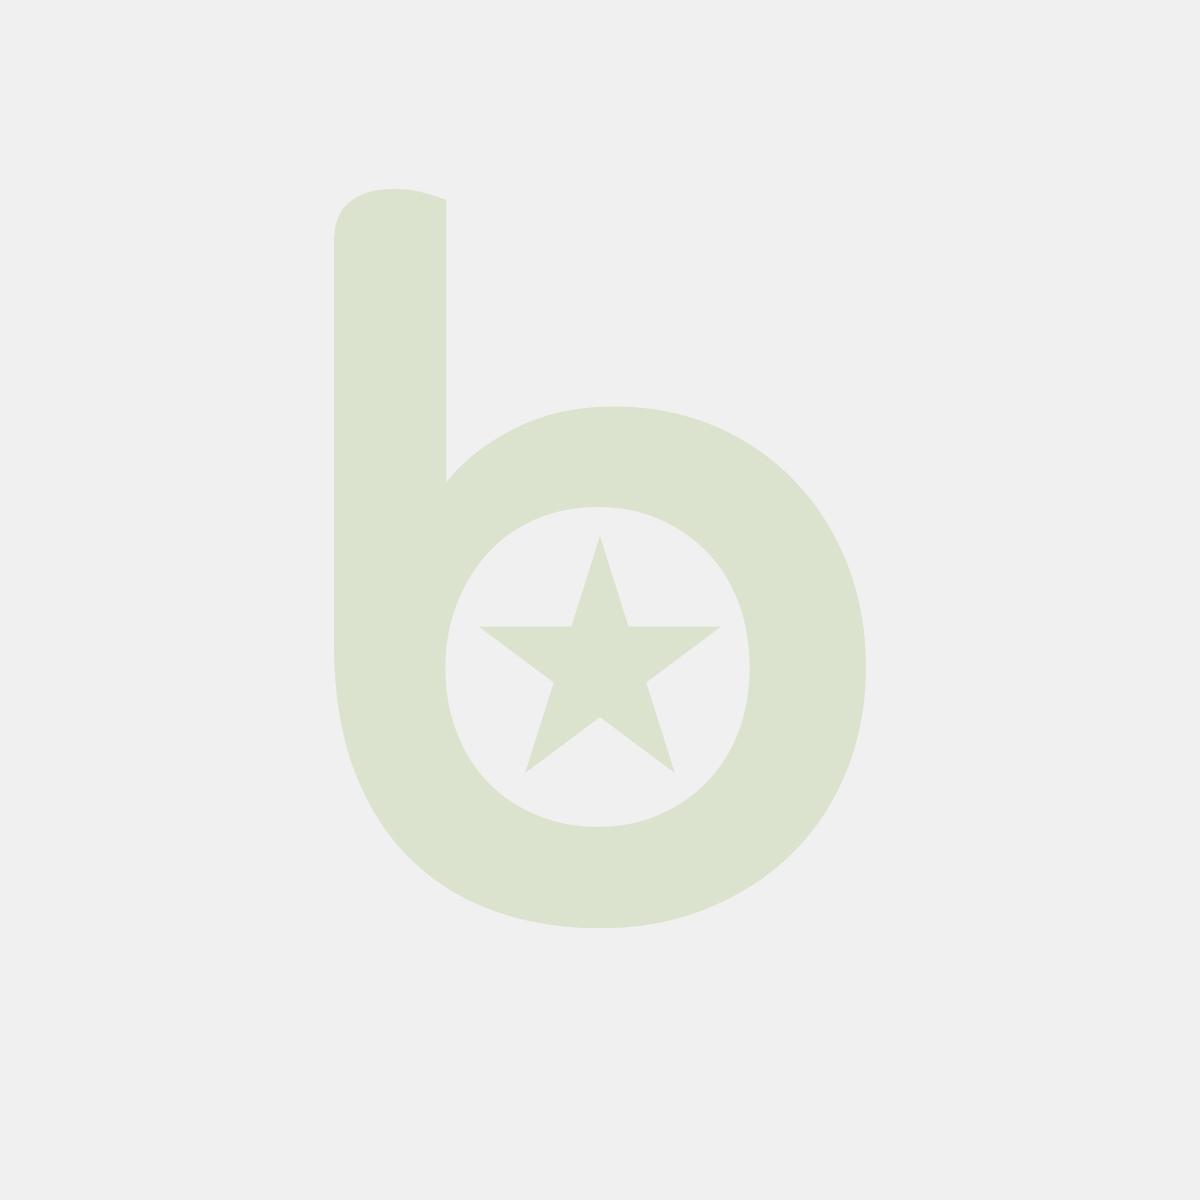 FINGERFOOD - talerzyk PS czarny 6,5x6,5 op. 25 sztuk